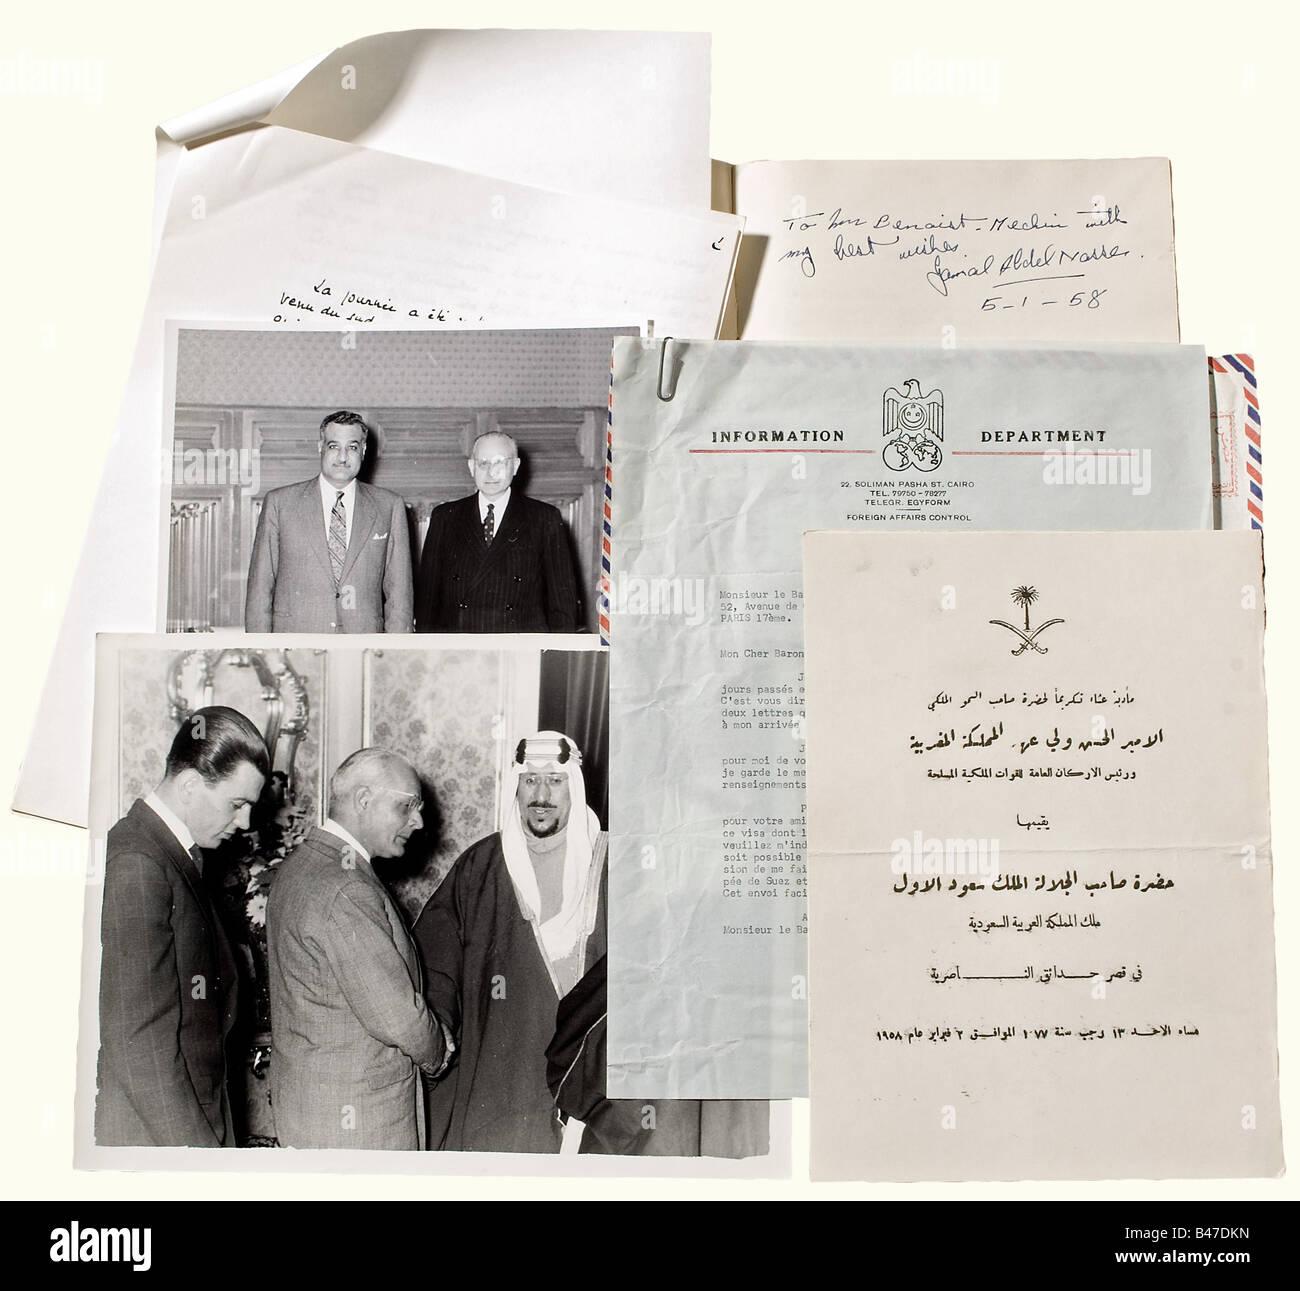 Jacques Benoist-Méchin et le Moyen-orient, Nombreux photos, tapuscrits et manuscrits concernants le Moyen-Orient, - Stock Image